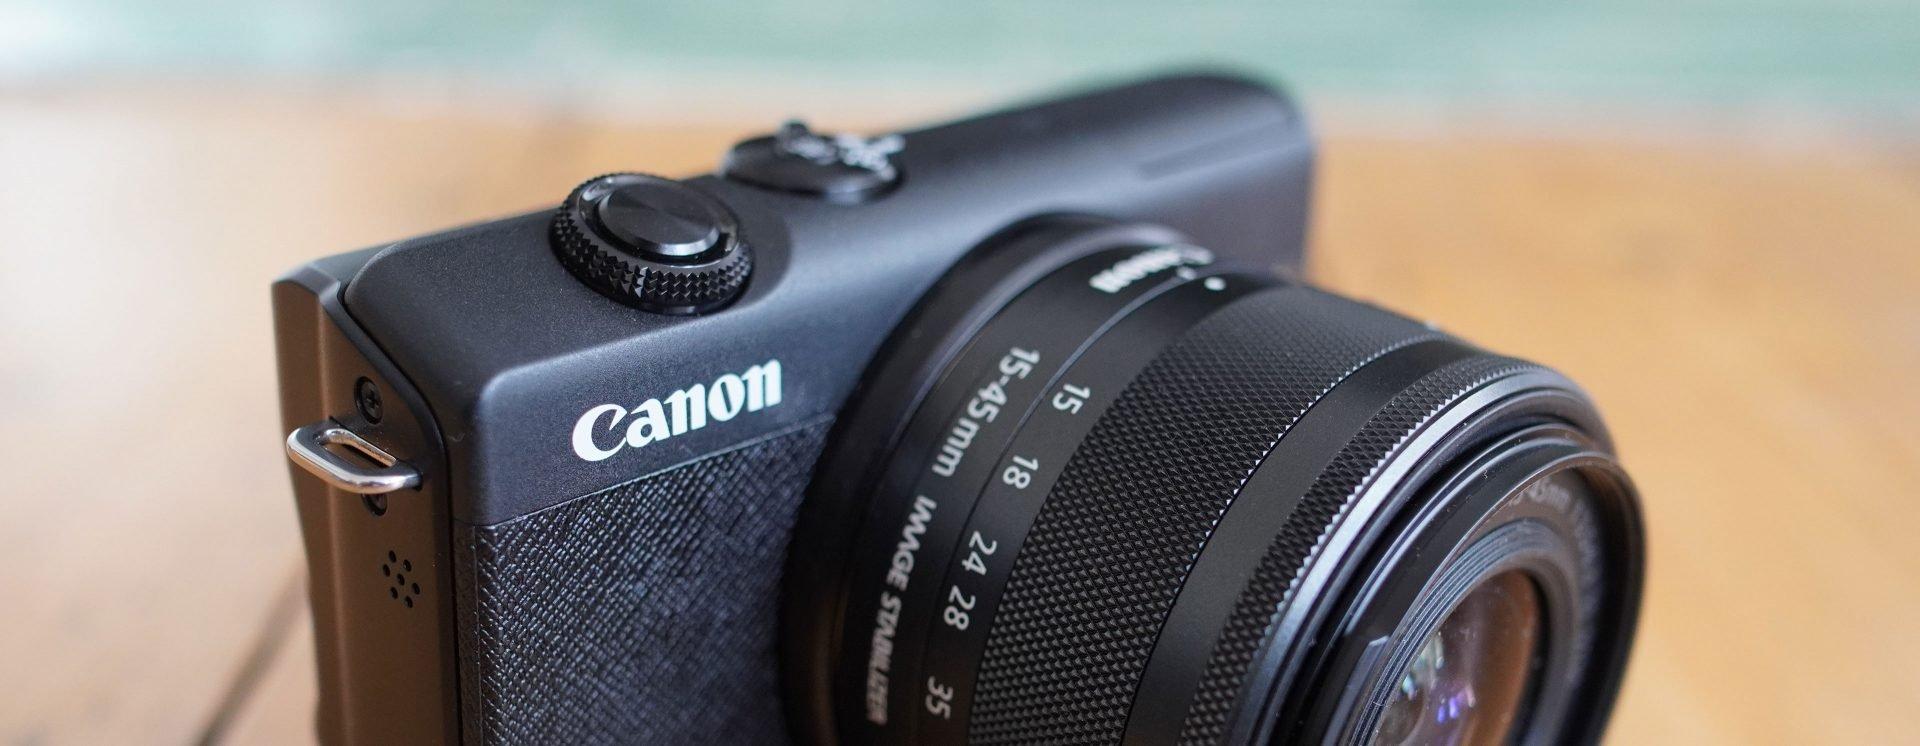 canon-eos-m200-header2